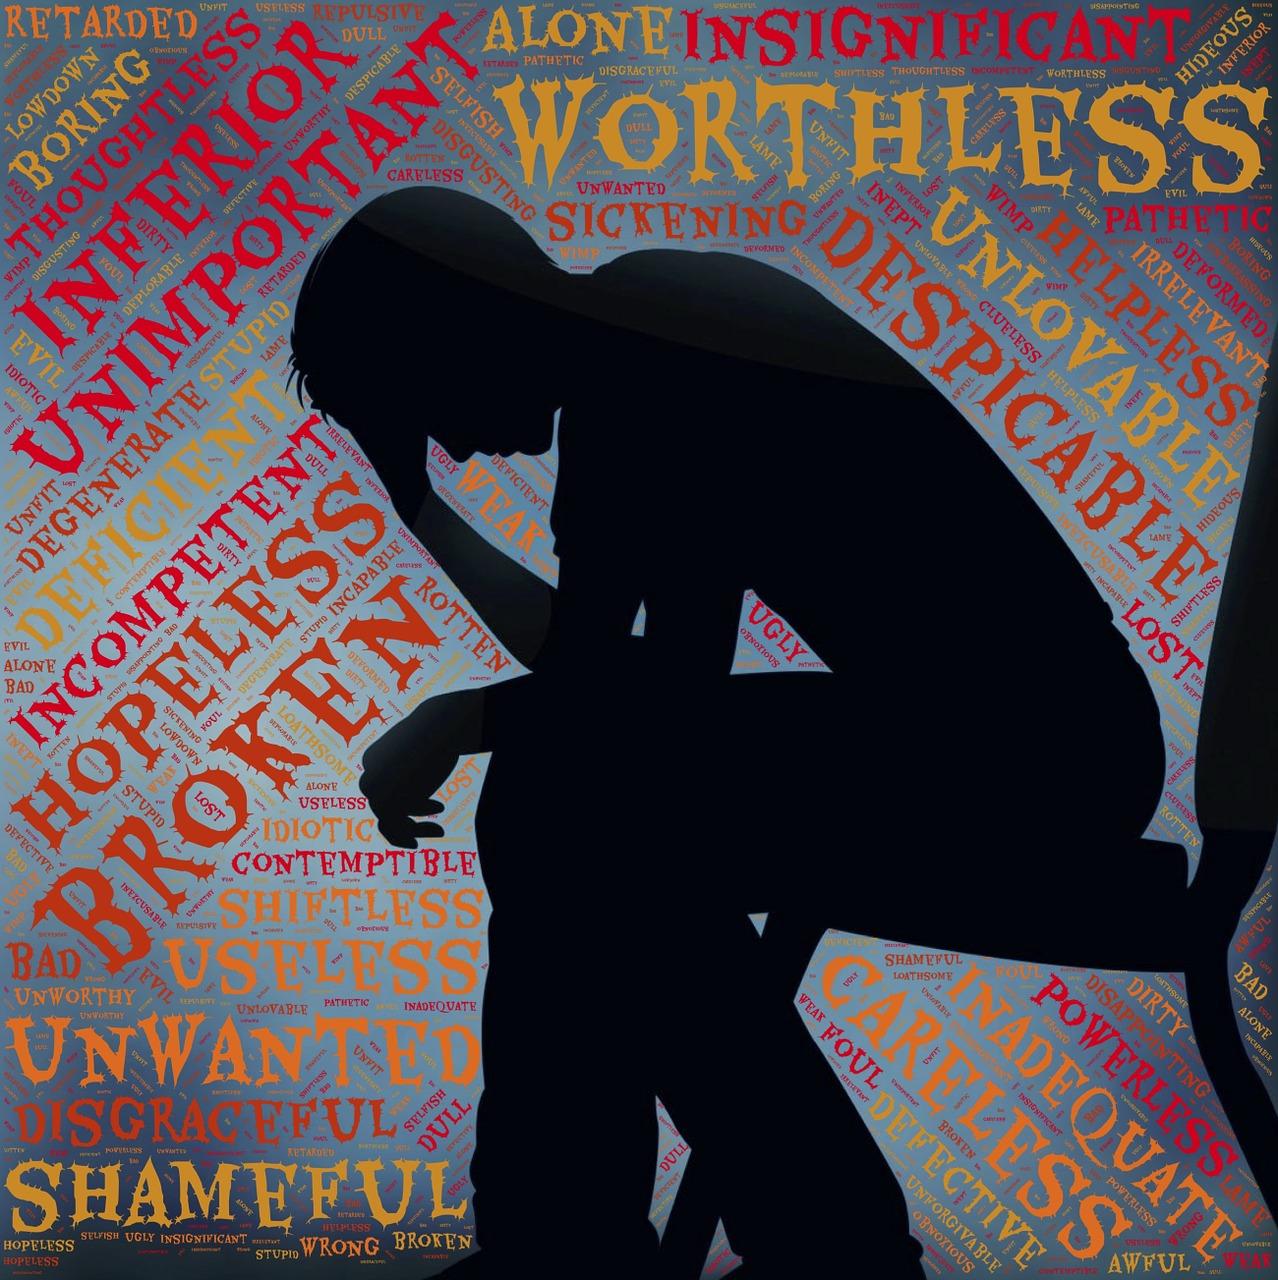 Hör auf, dir Sorgen zu machen!